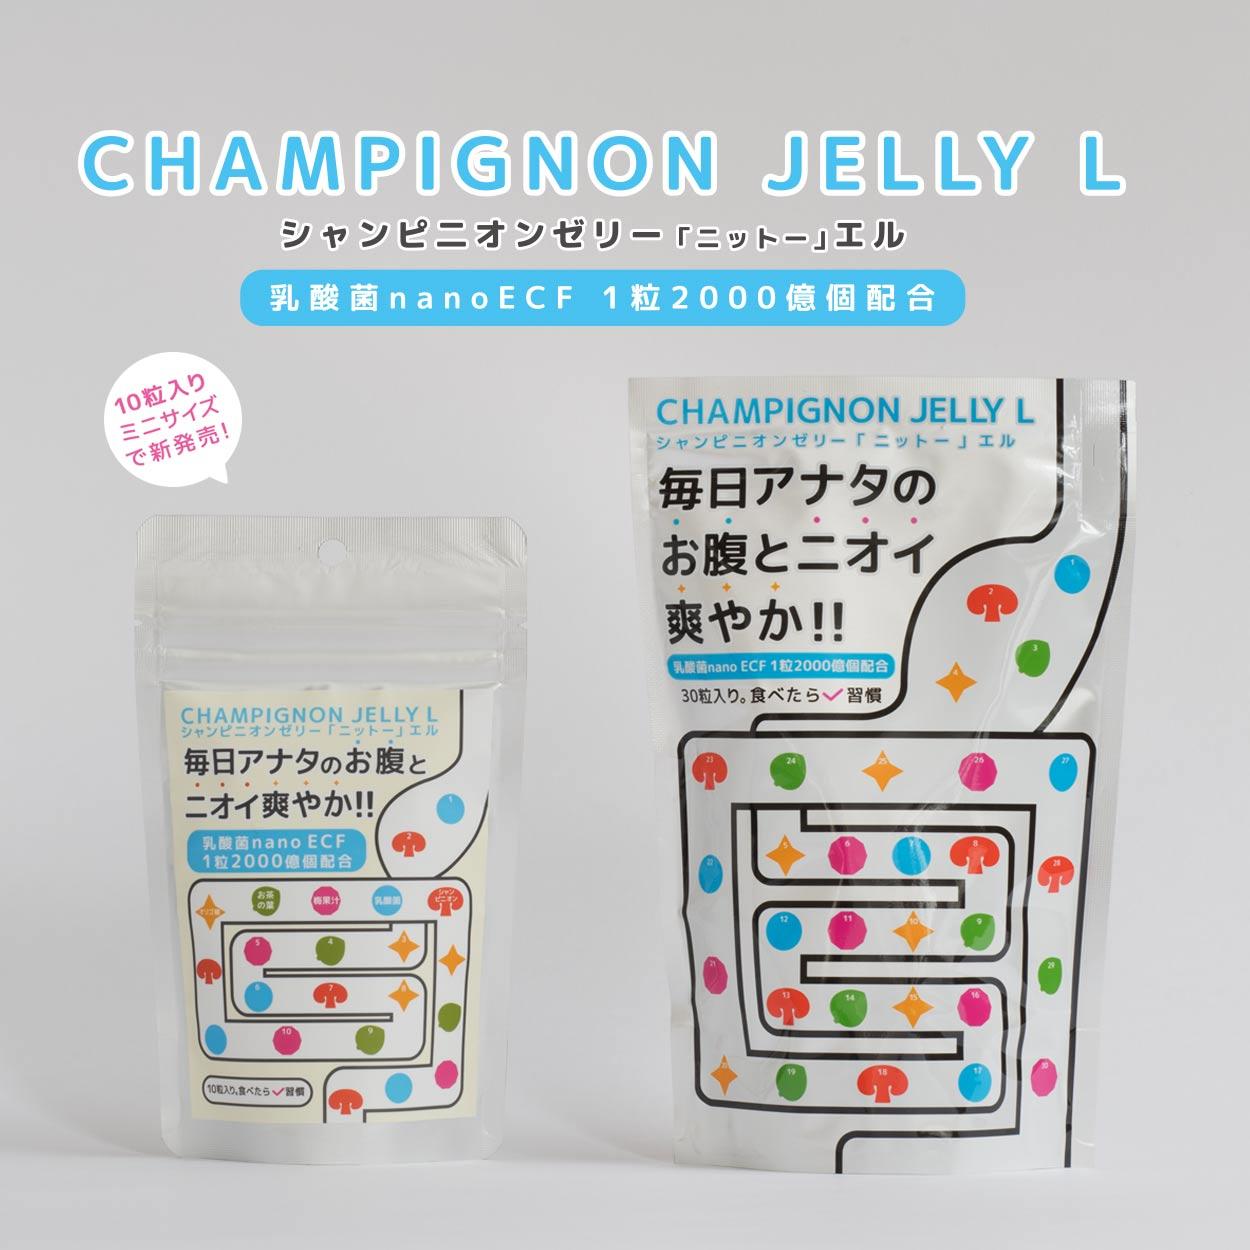 シャンピニオンゼリー ニットー エル 040146 10粒入(1袋) 【キャンセル・返品不可】(取寄1週間)